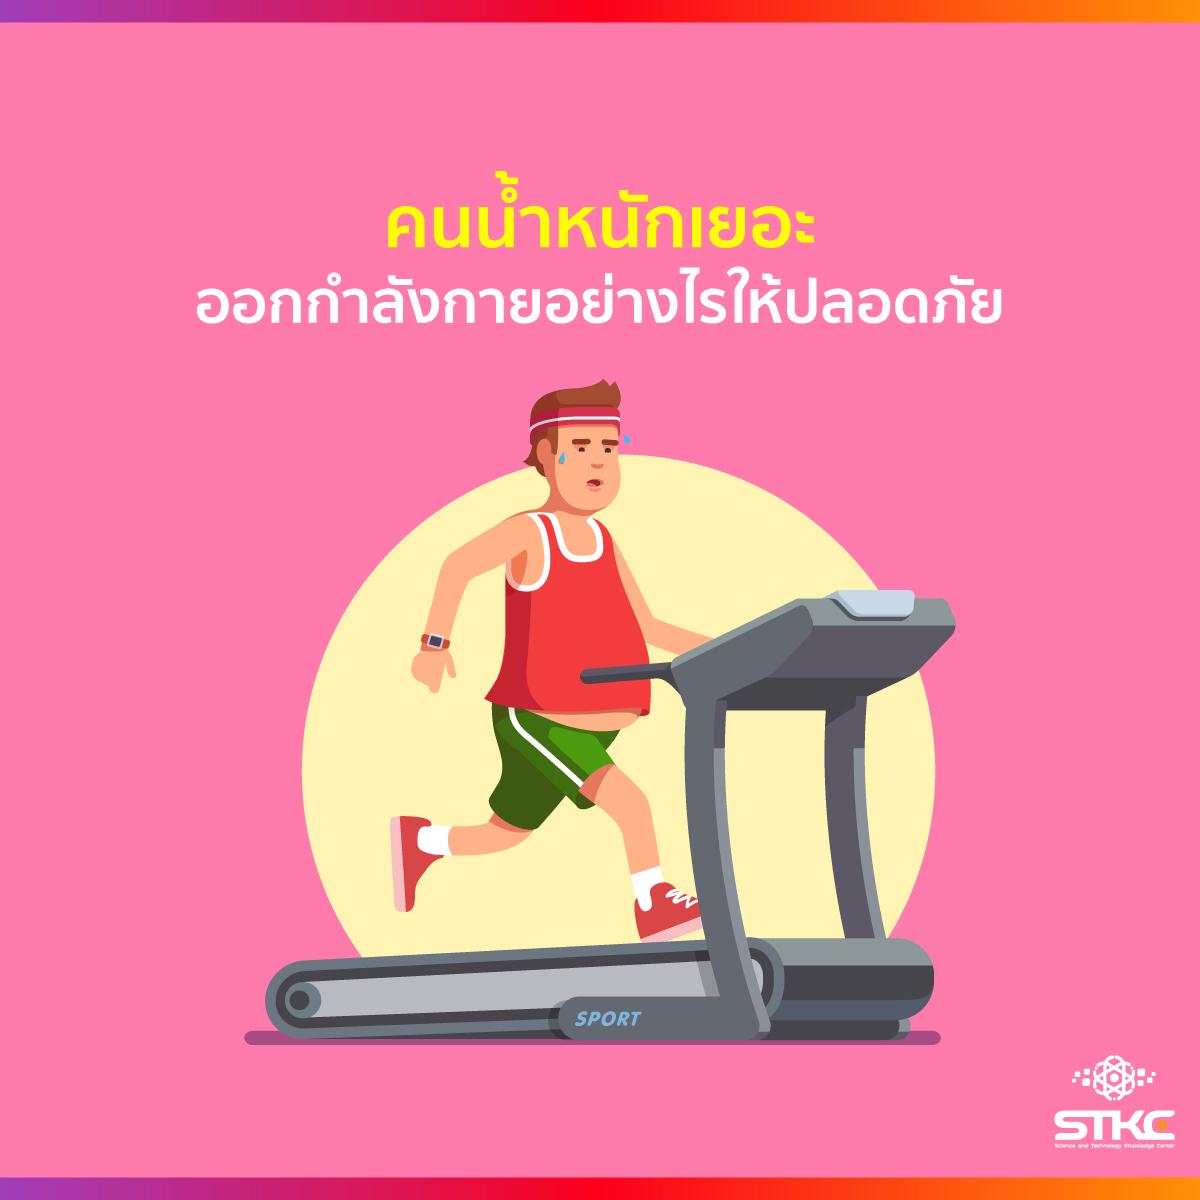 คนน้ำหนักเยอะ ออกกำลังกายอย่างไรให้ปลอดภัย